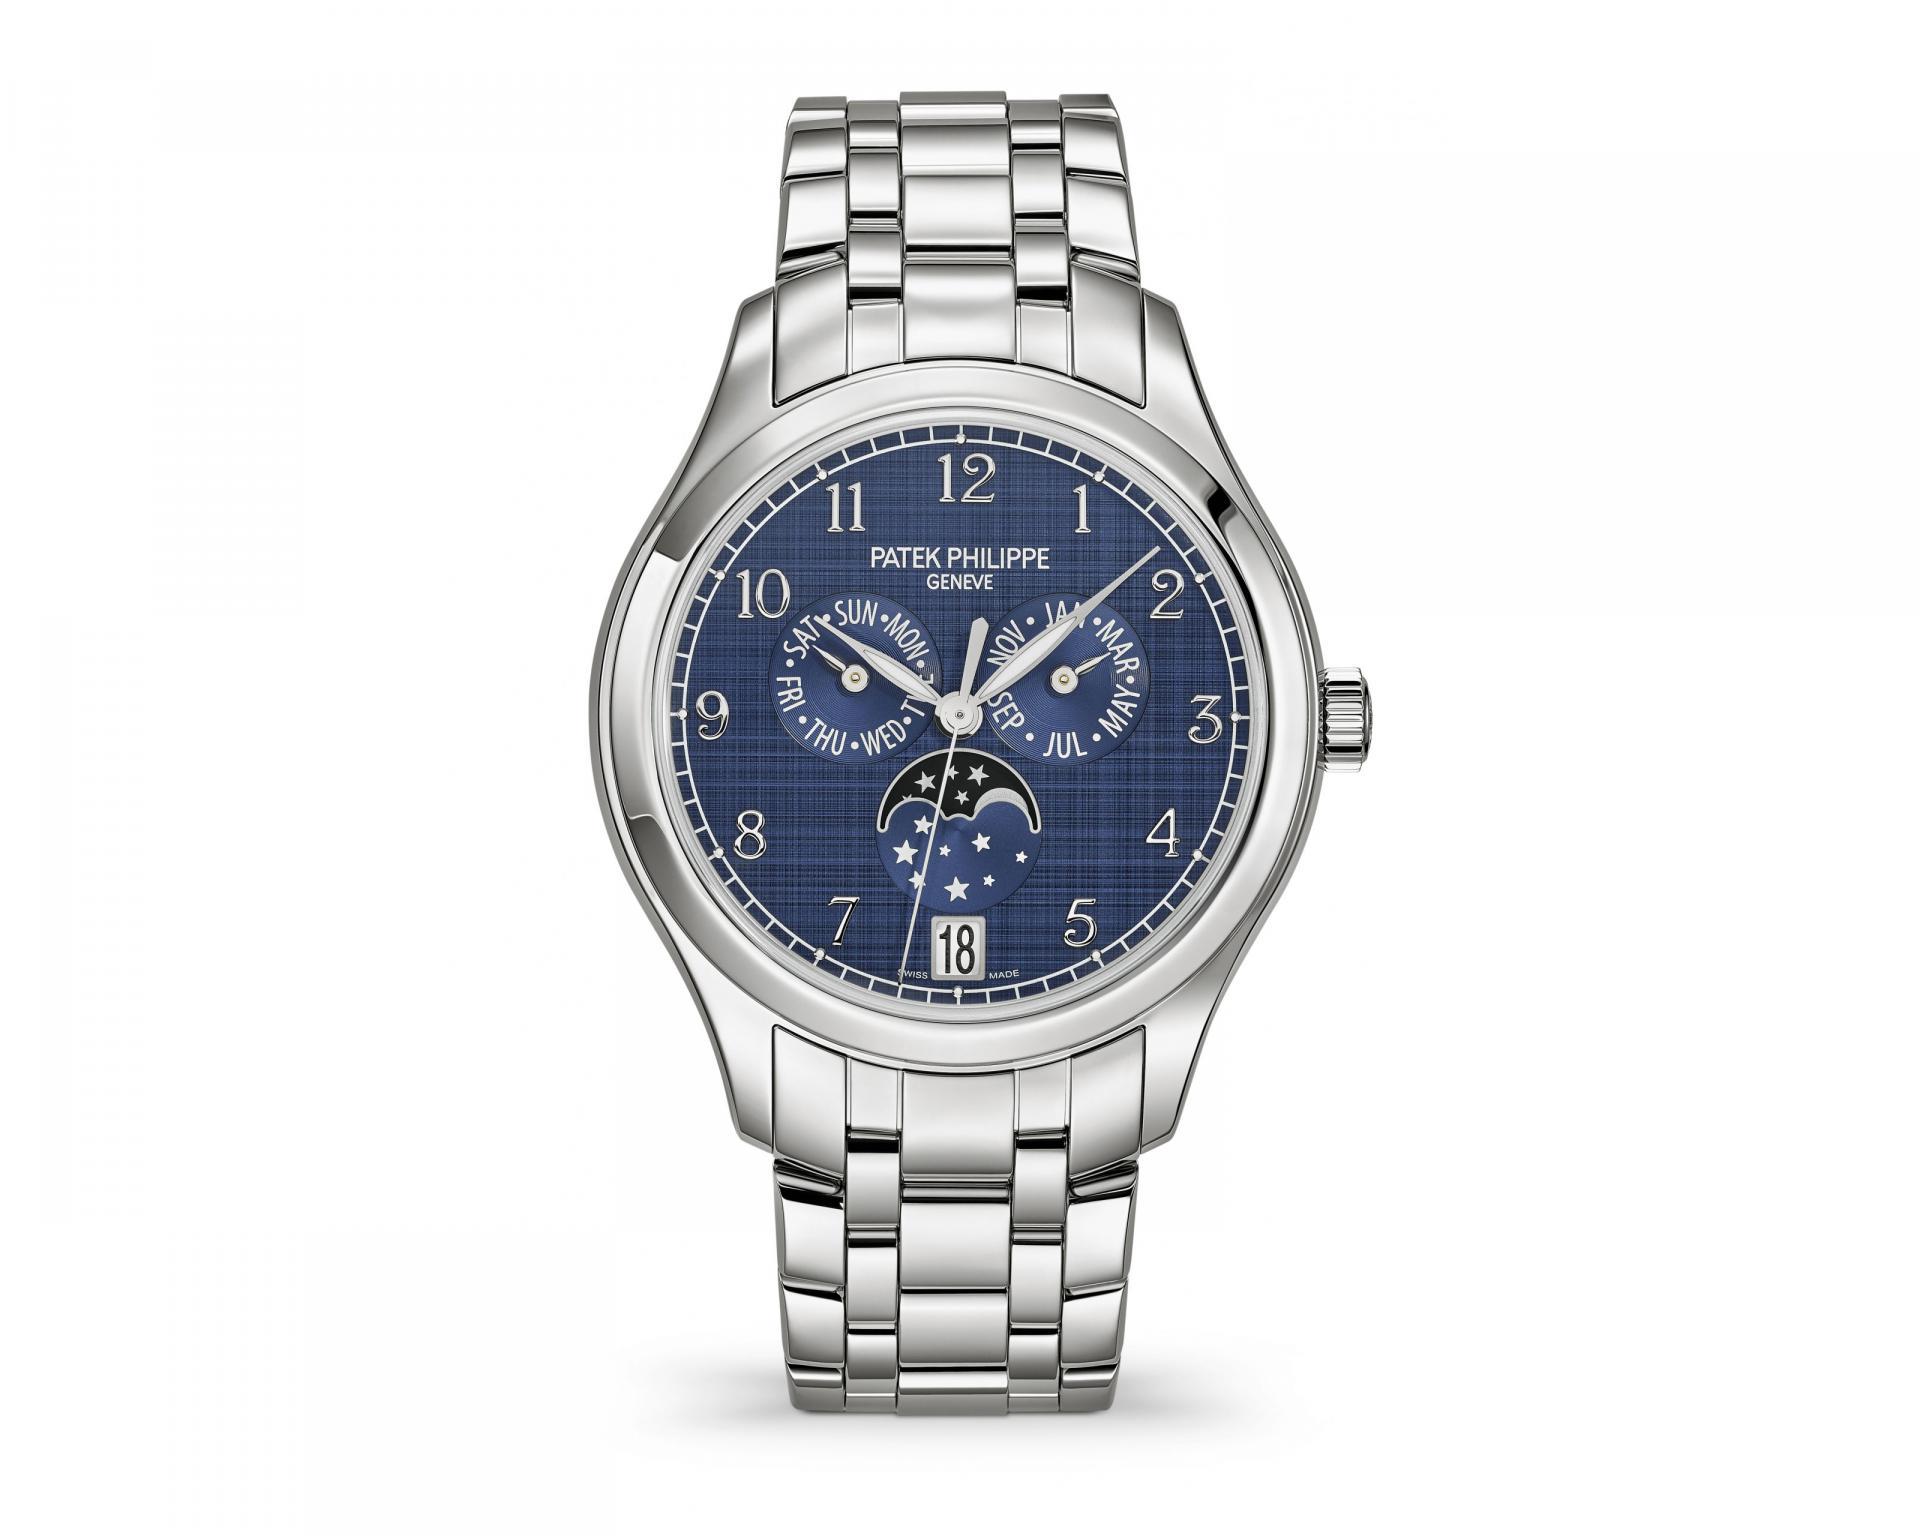 Patek Philippe анонсирует новые часы 4947 сгодовым календарём